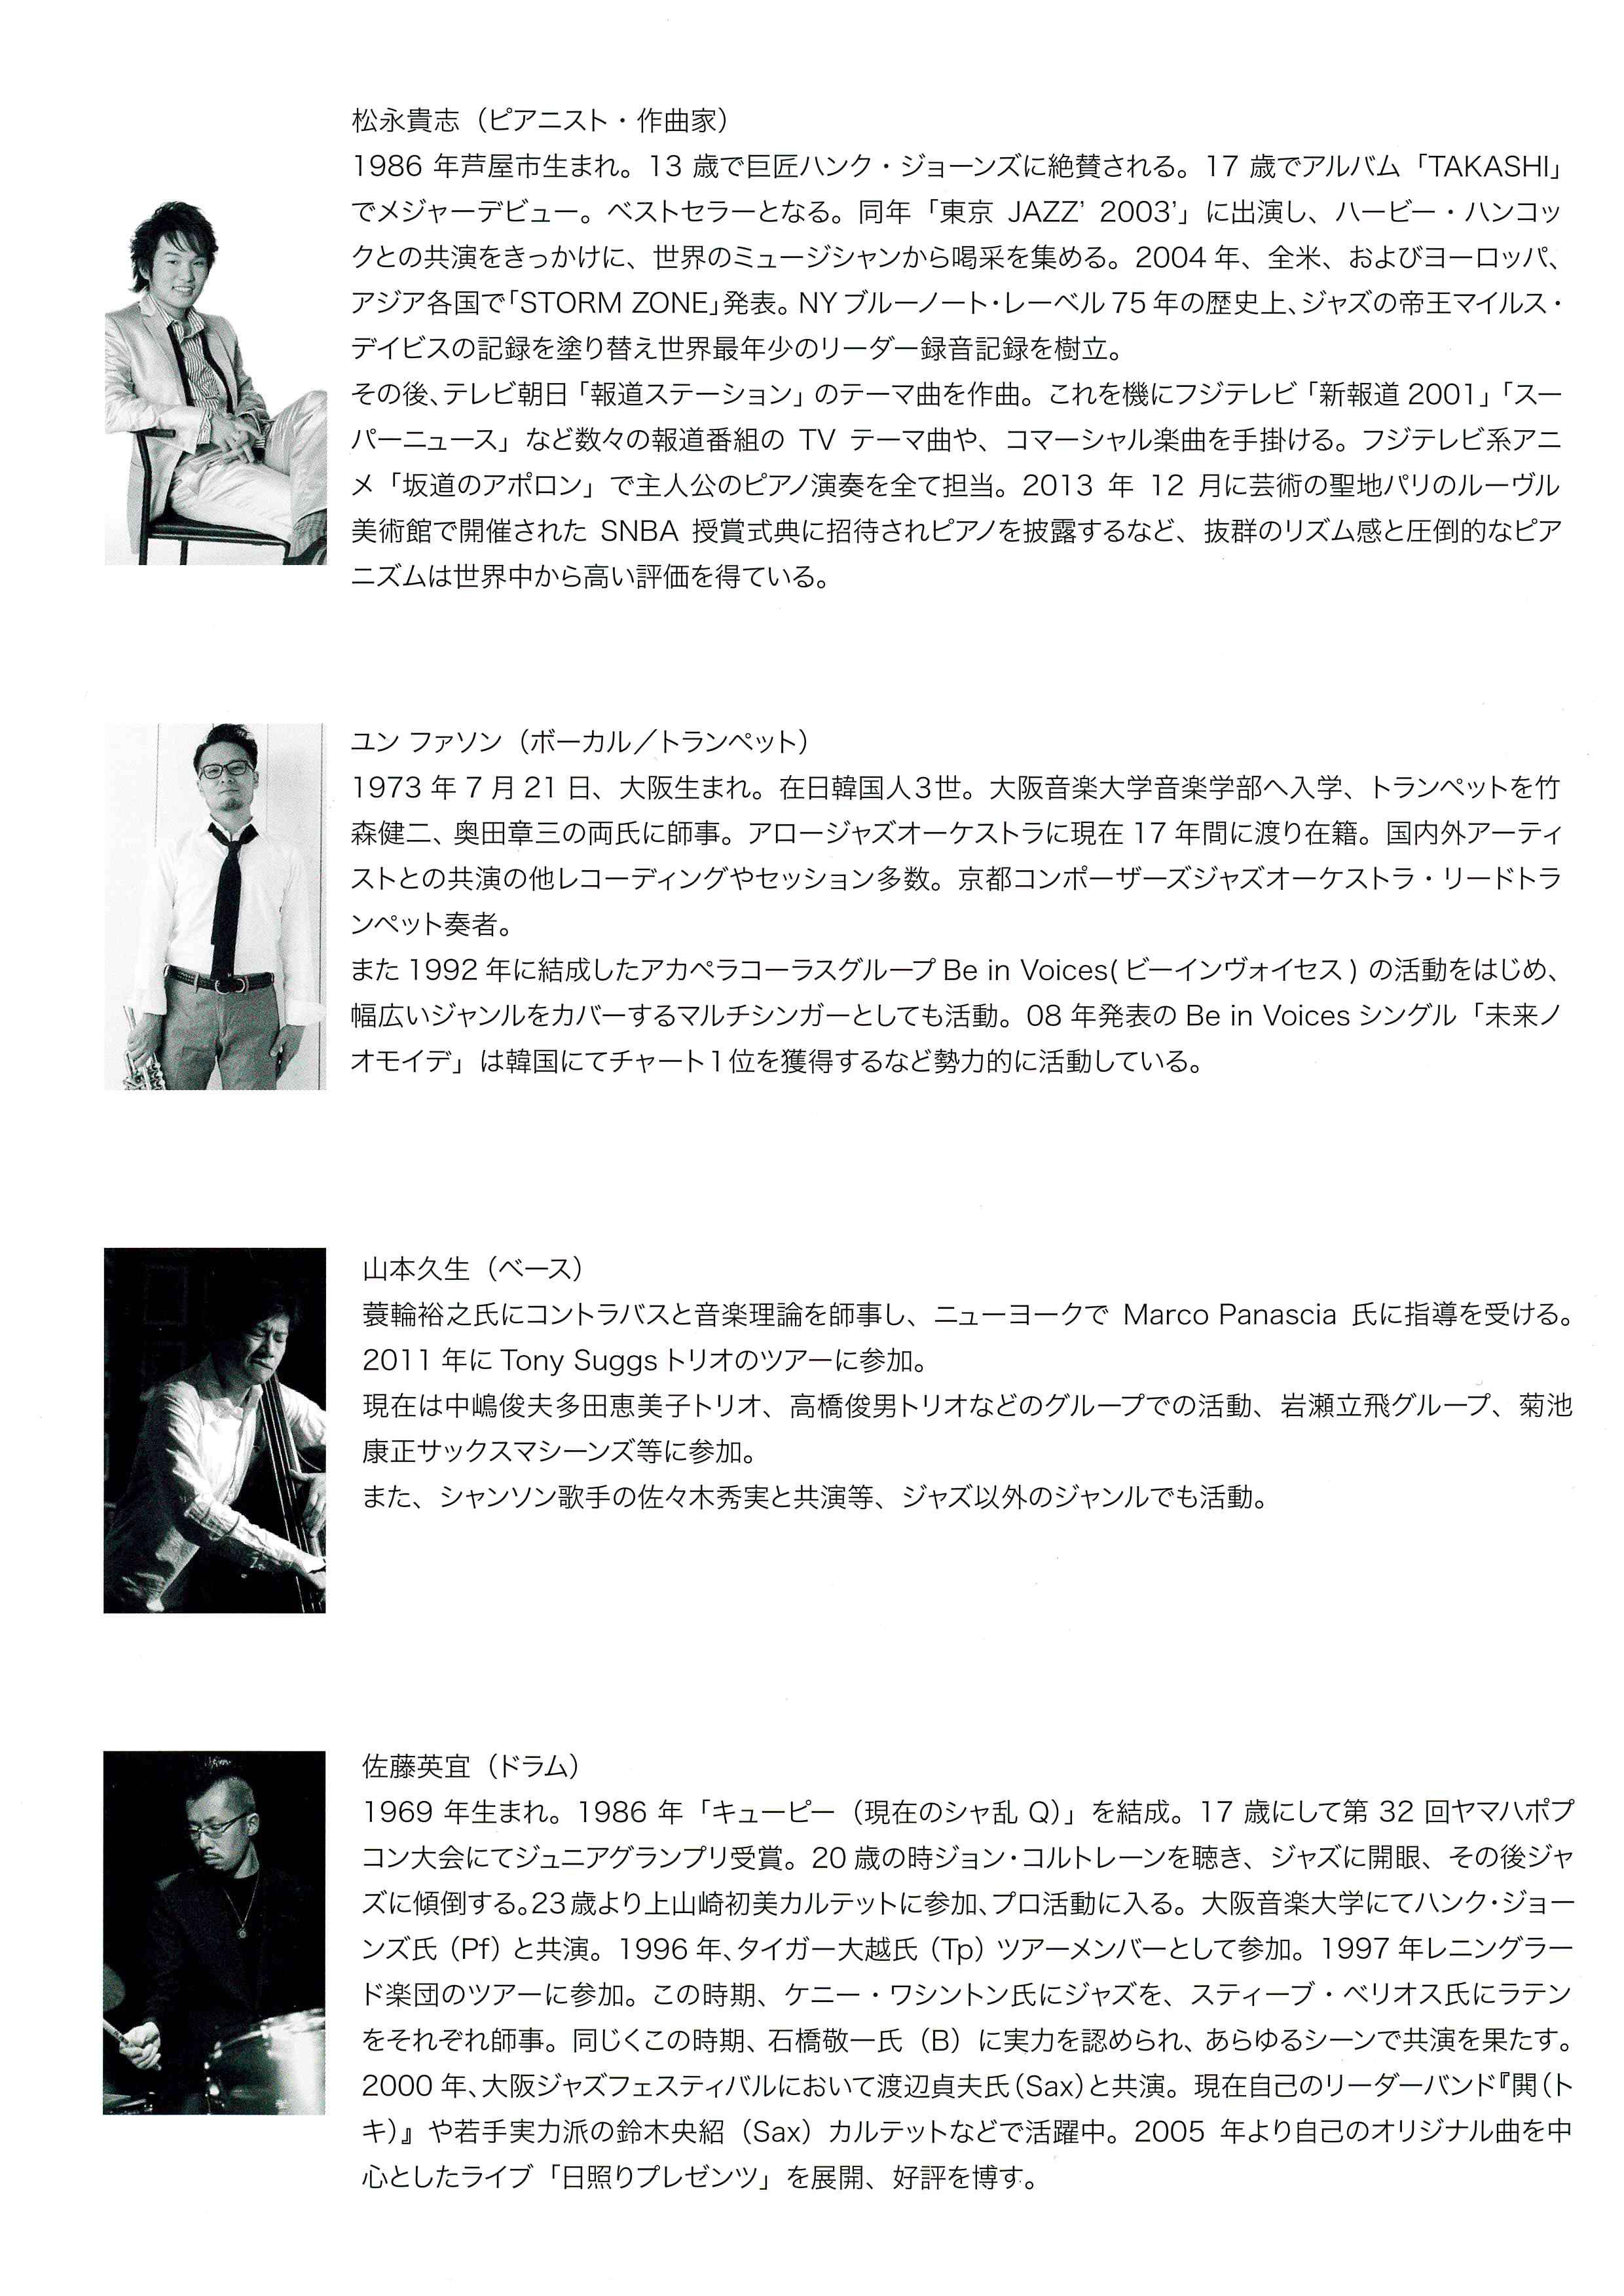 2000入学・松永貴志ライブ2